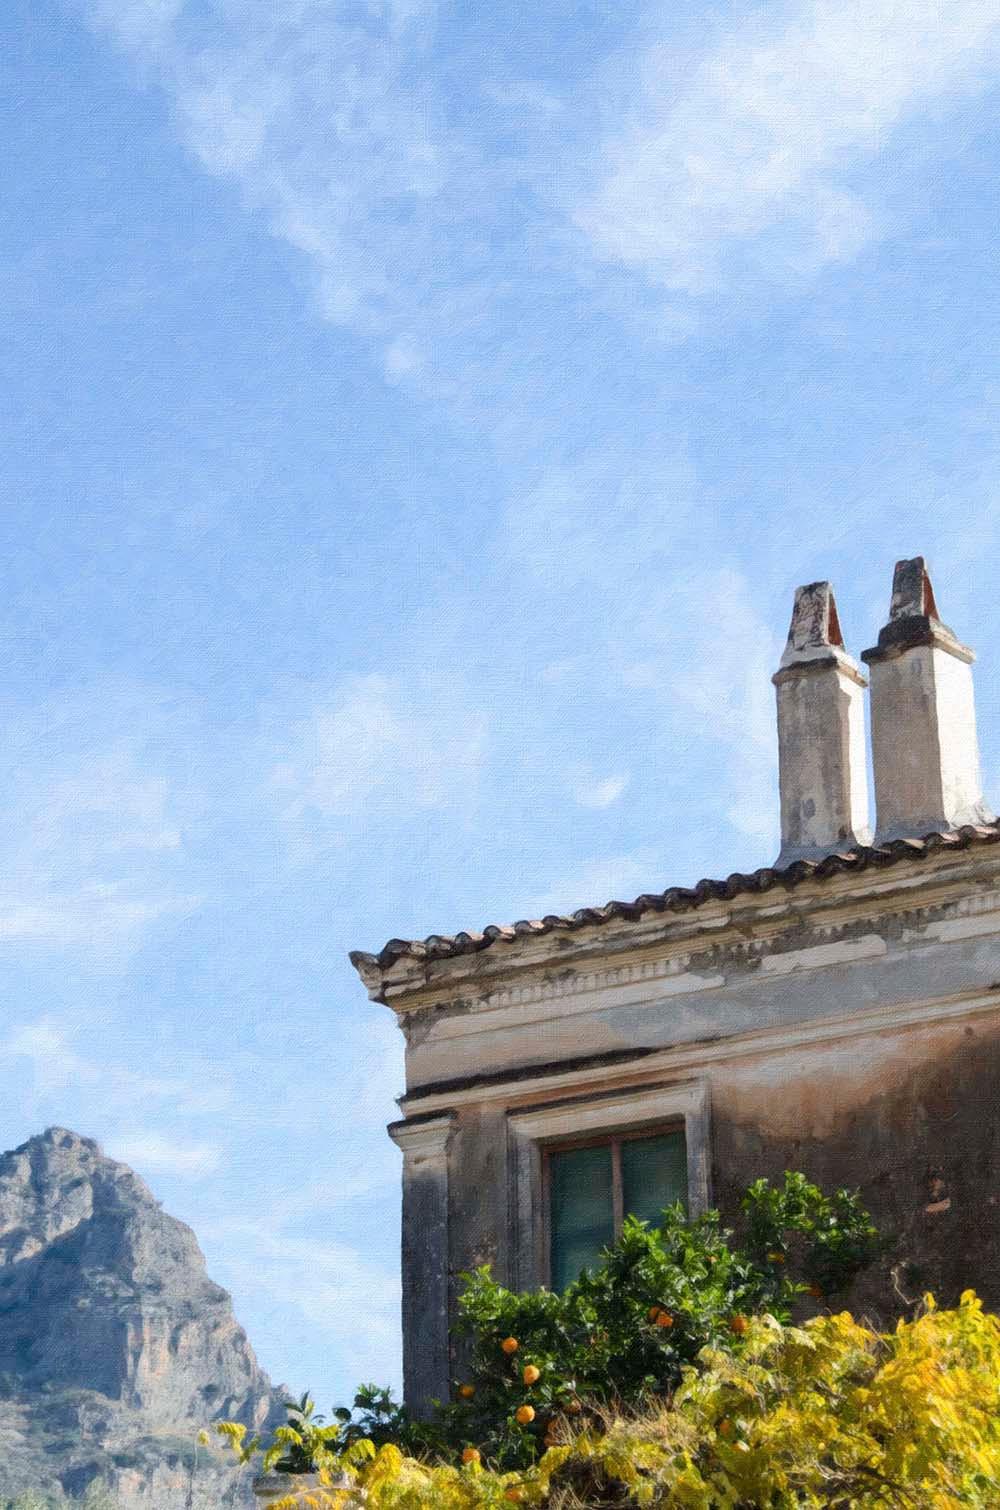 Λεωνίδιο, σπίτια με φόντο το βουνό